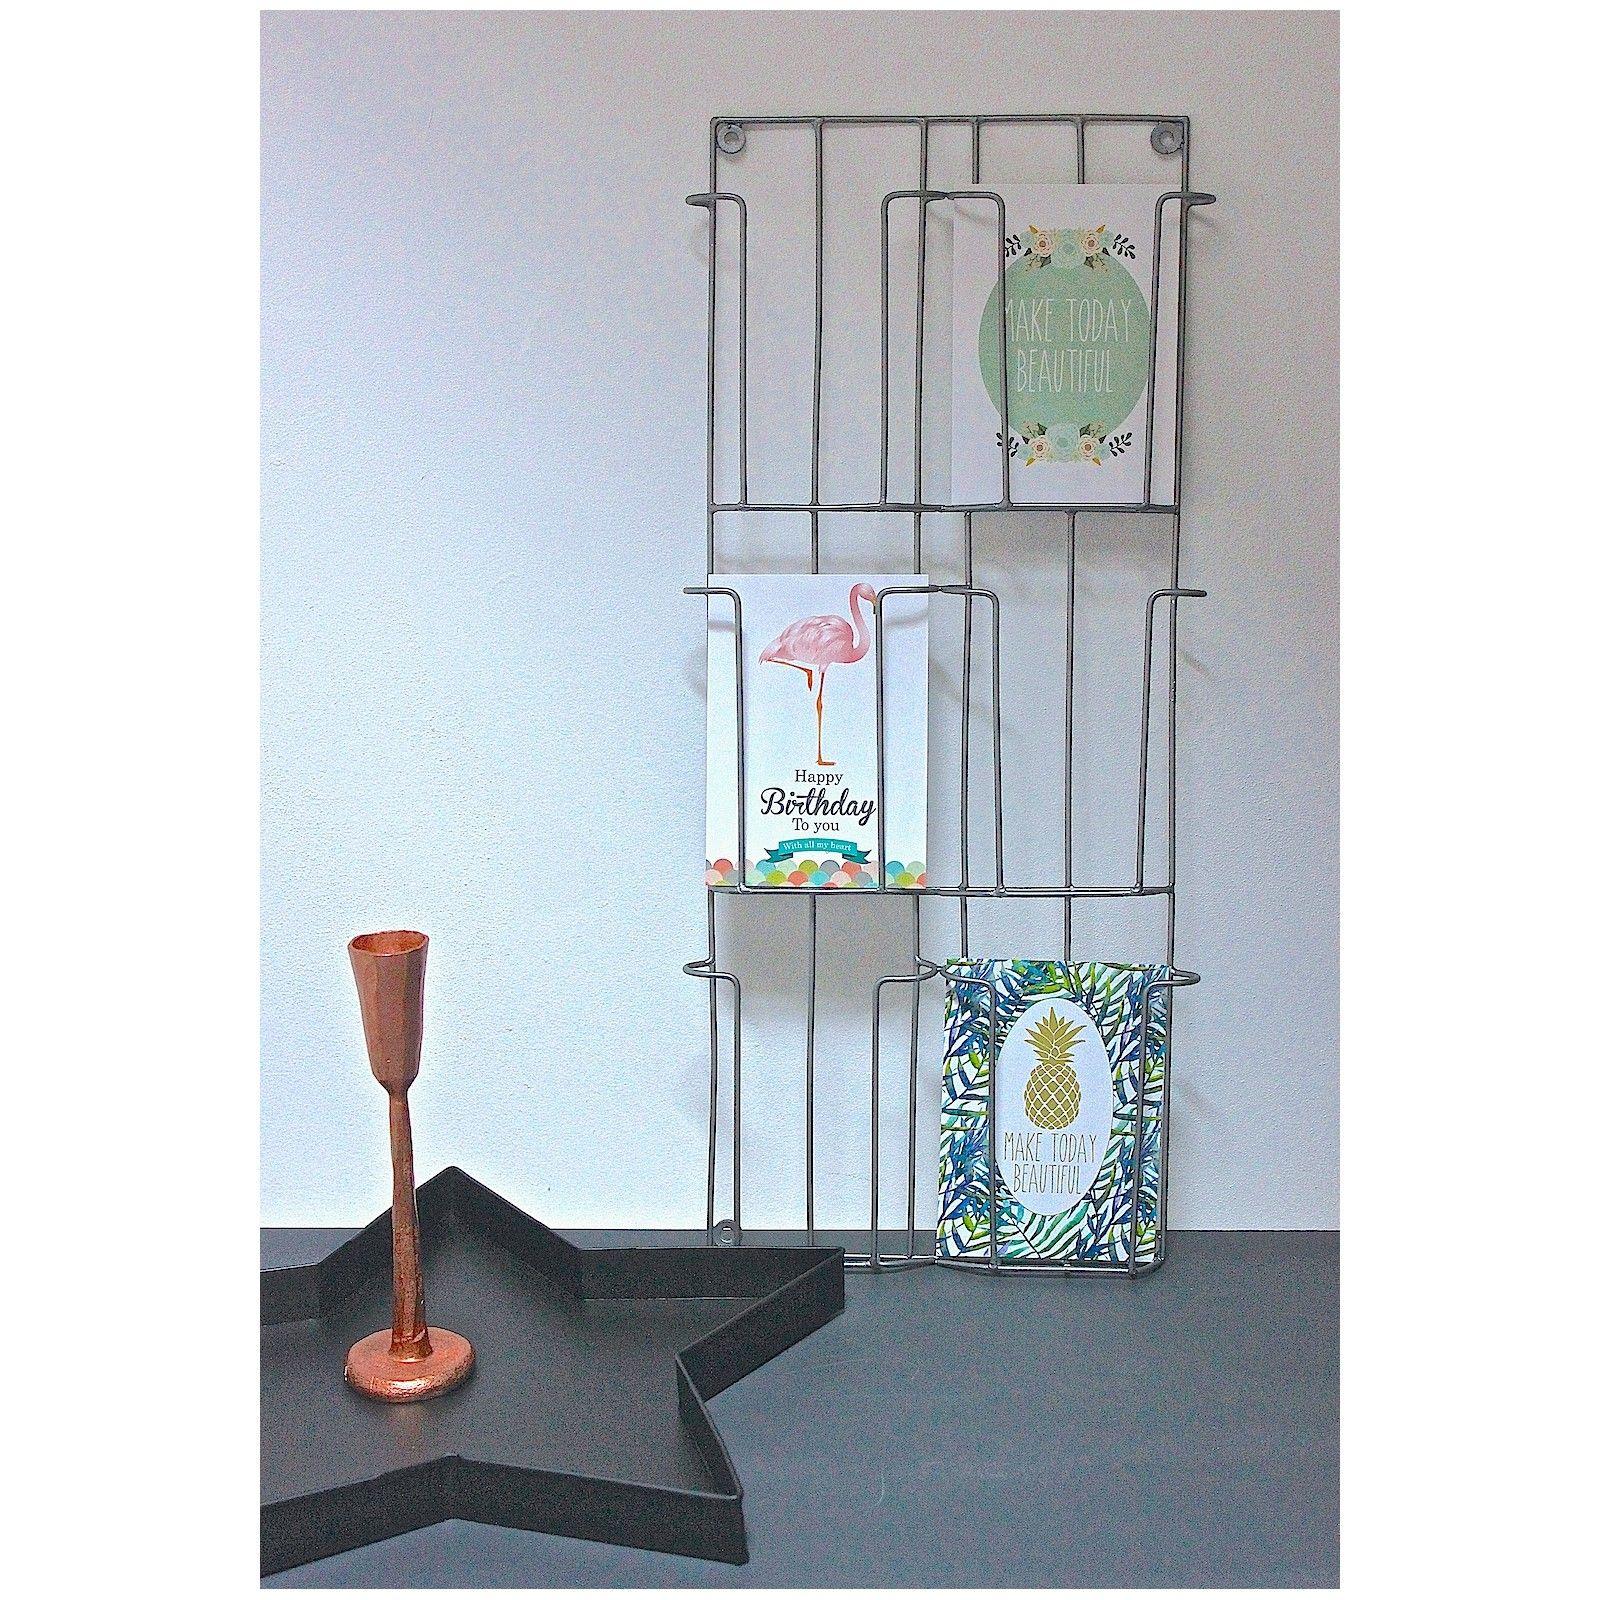 porte-carte-postales-mural-Mme-Stoltz|mybohem | Des jolies choses ...